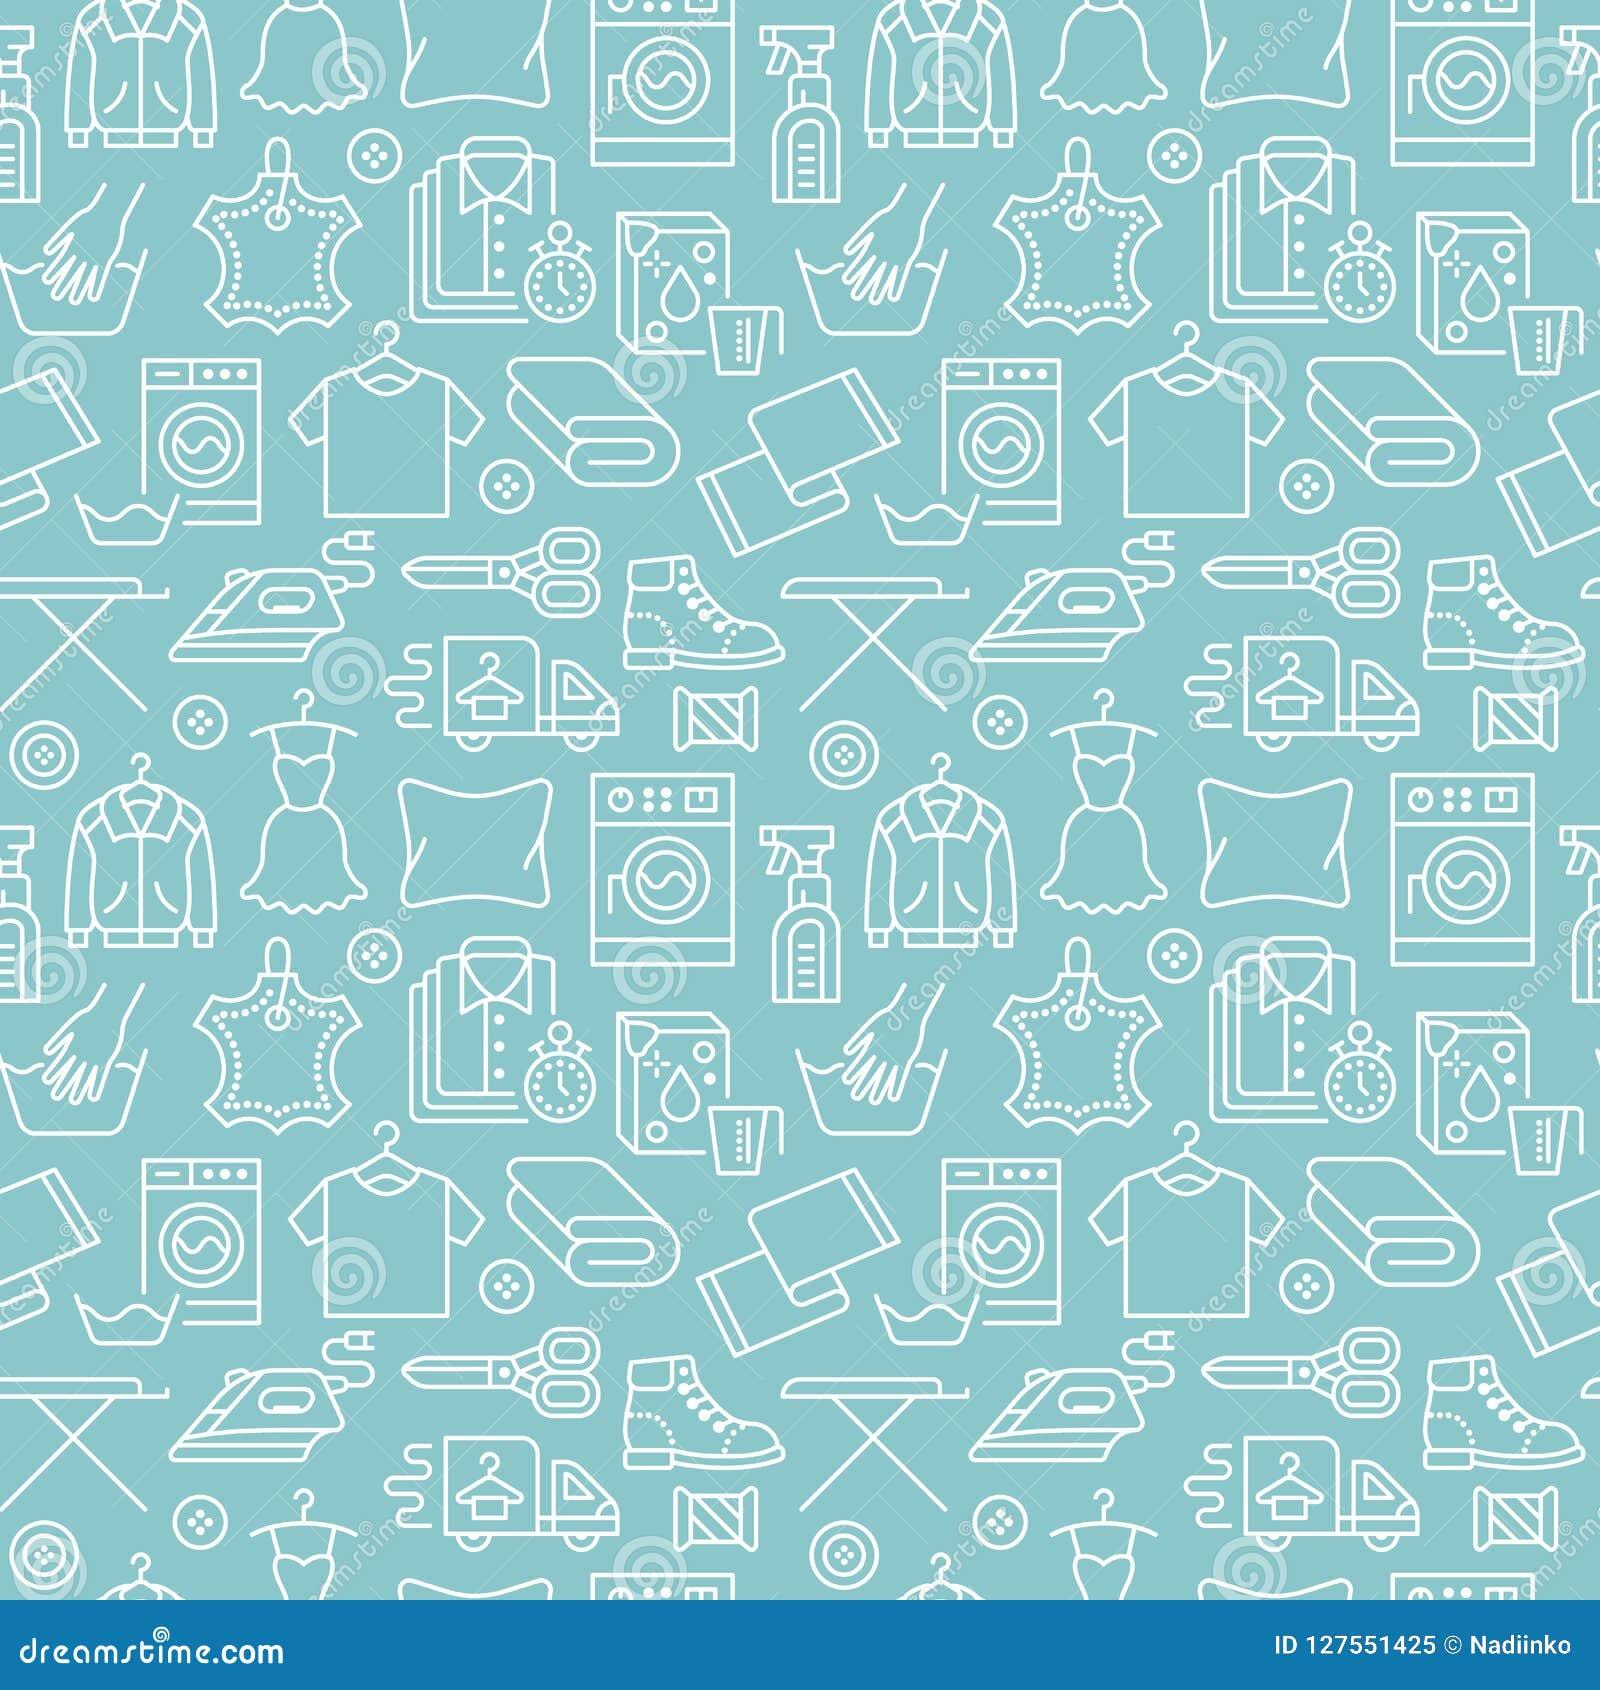 Trockenreinigung, nahtloses Muster des Wäschereiblaus mit Linie Ikonen Waschautomatservice-Ausrüstung, Waschmaschine, Kleidung